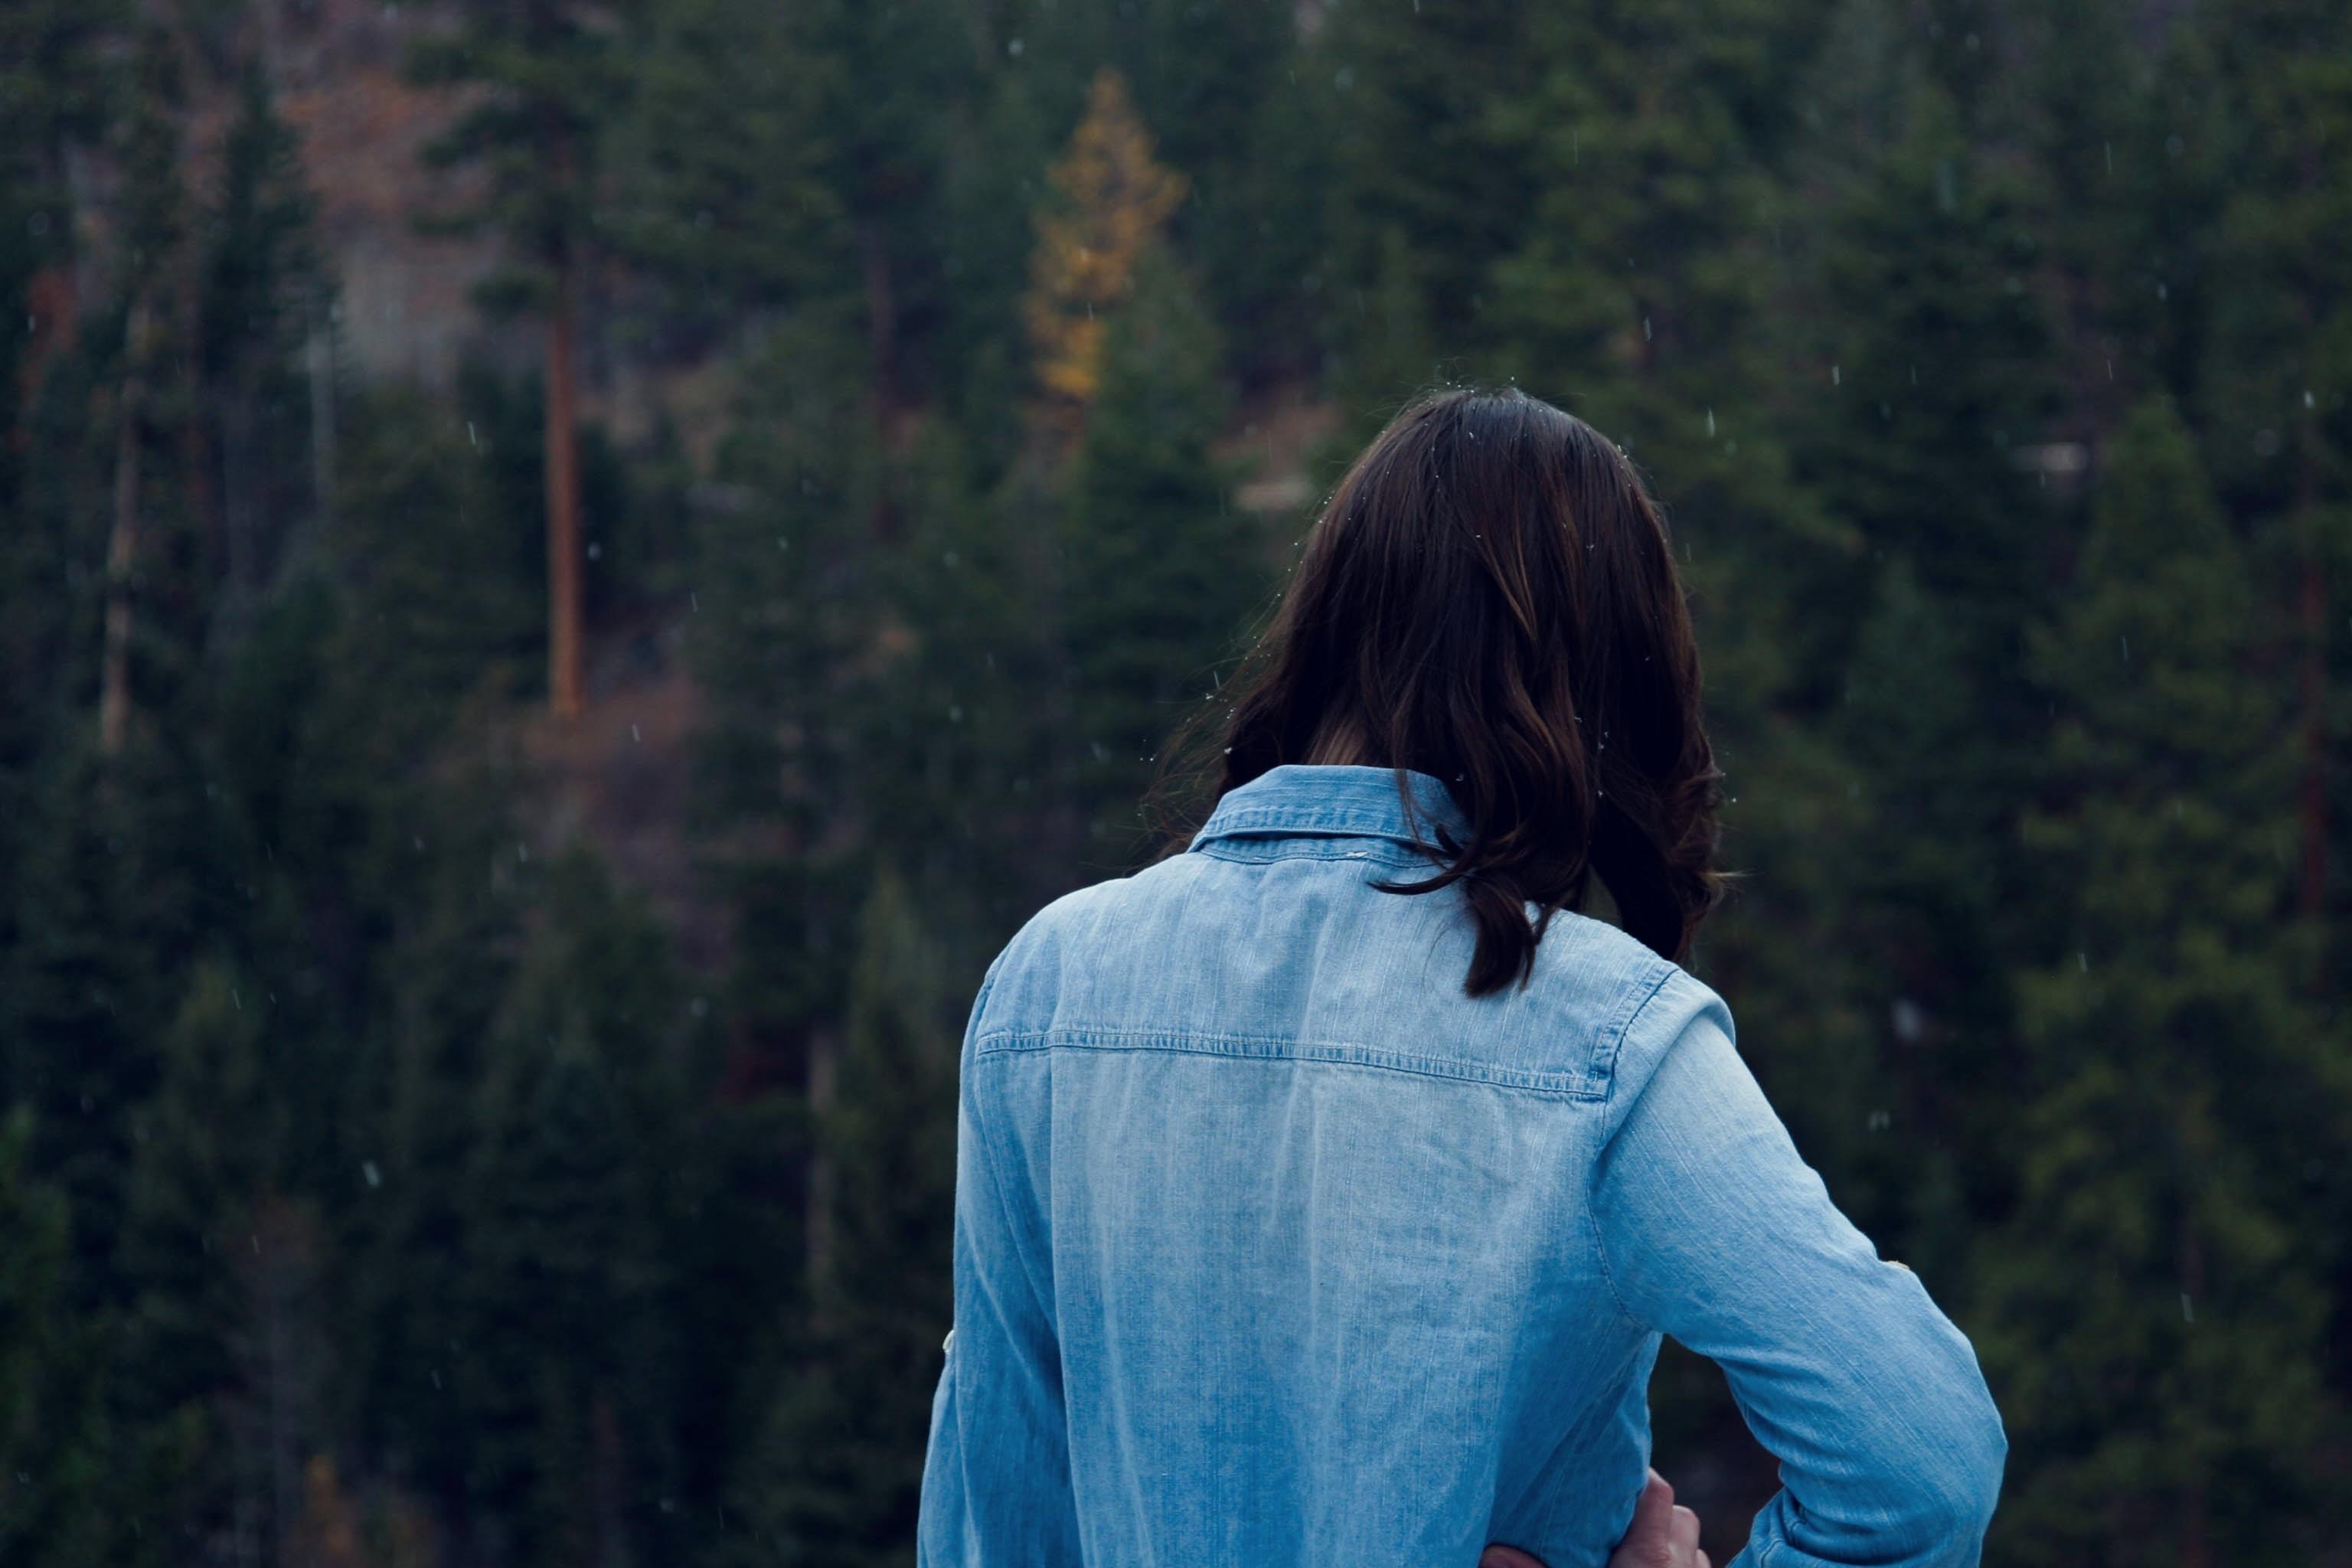 Woman wearing a denim shirt overlooks a lush green landscape